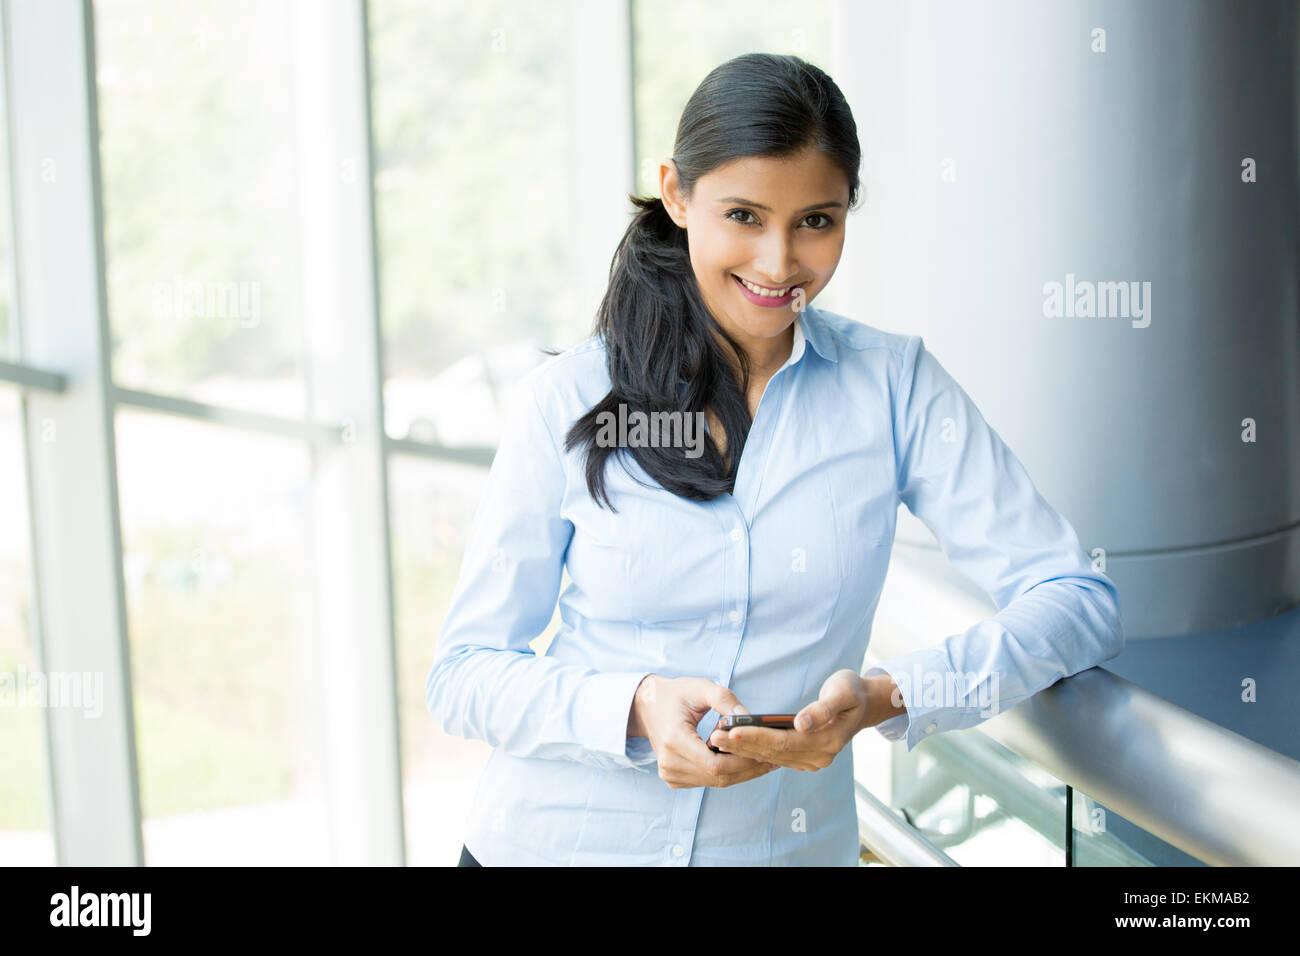 Closeup ritratto, gioiosa donna gorgeous utilizzando lo smartphone mobile device, isolato in interni sullo sfondo Immagini Stock